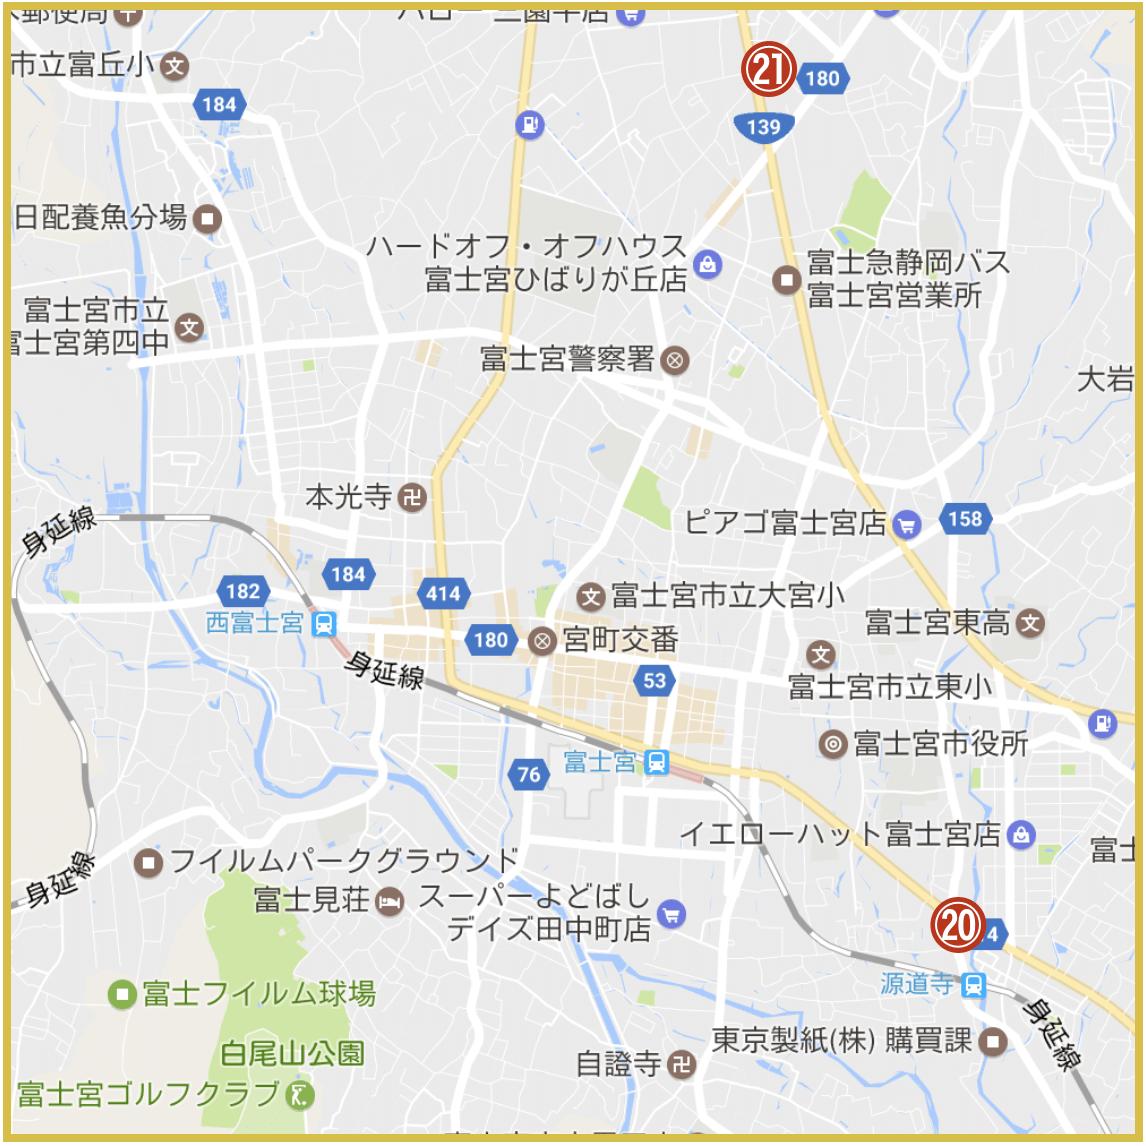 静岡県富士宮市にあるアコム店舗・ATMの位置